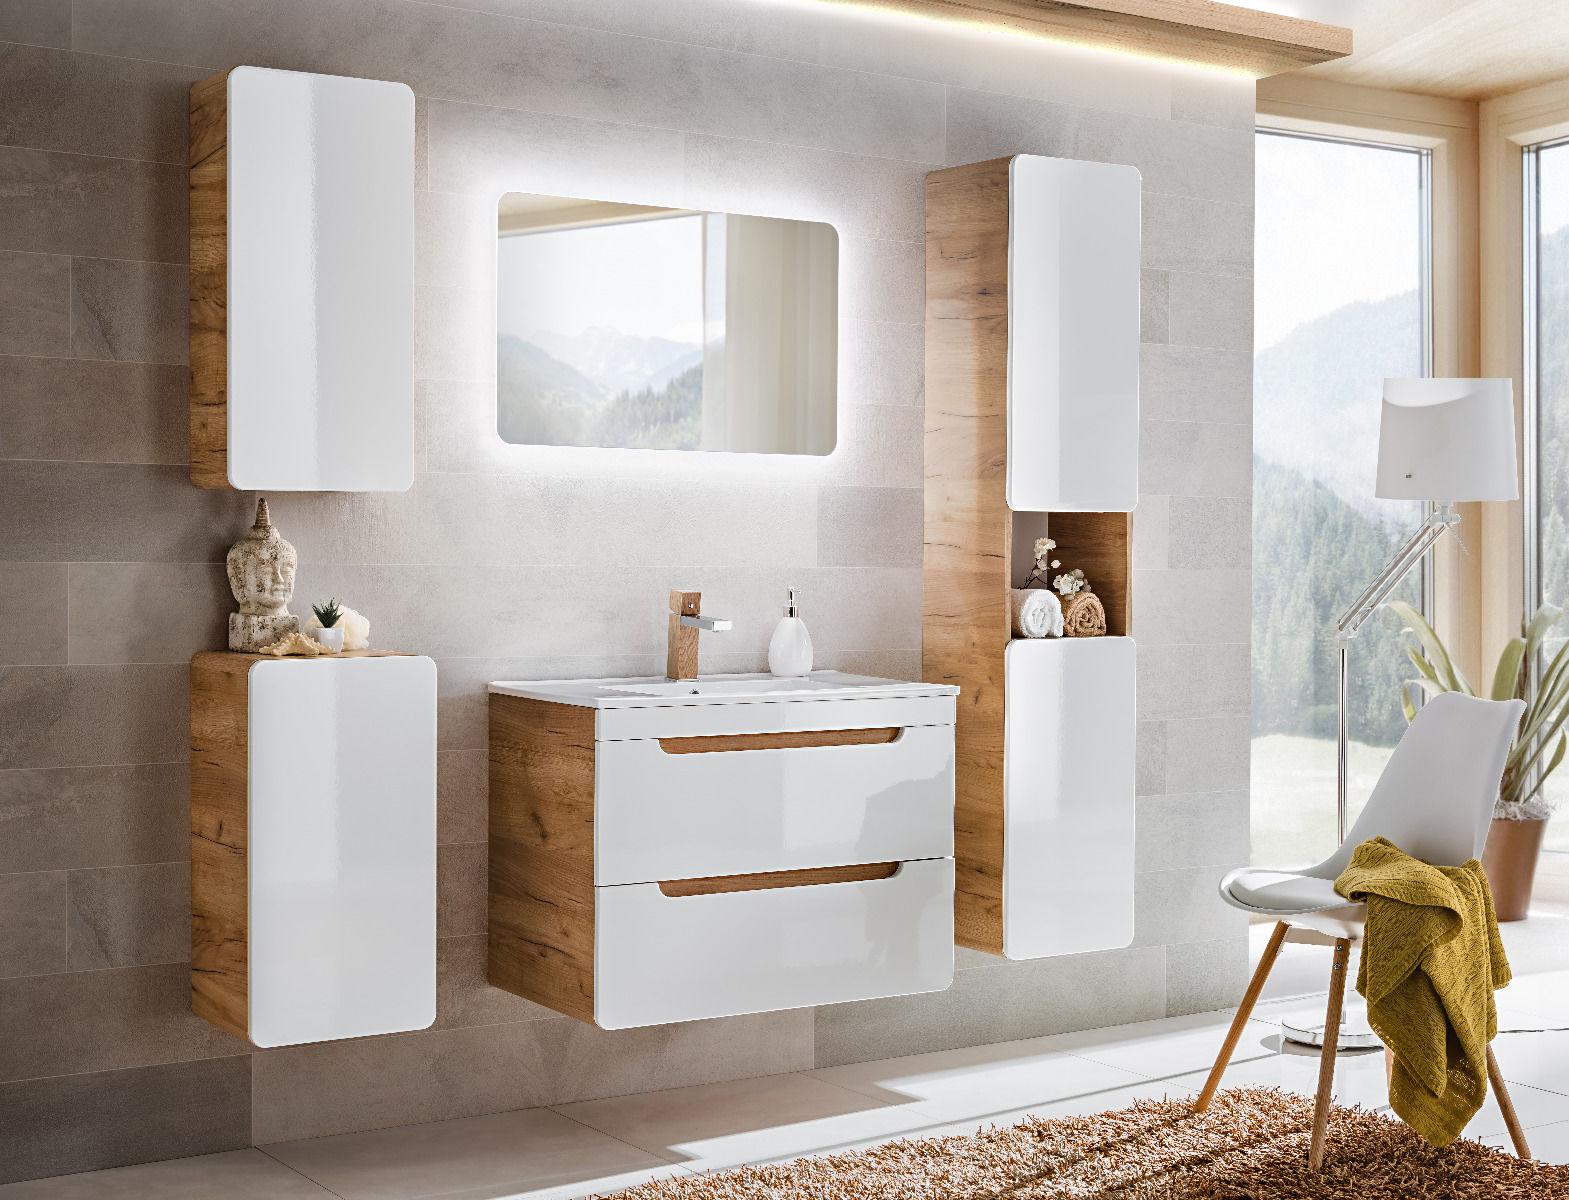 Szafka łazienkowa ARUBA 810 biała/dąb  Kupuj w Sprawdzonych sklepach